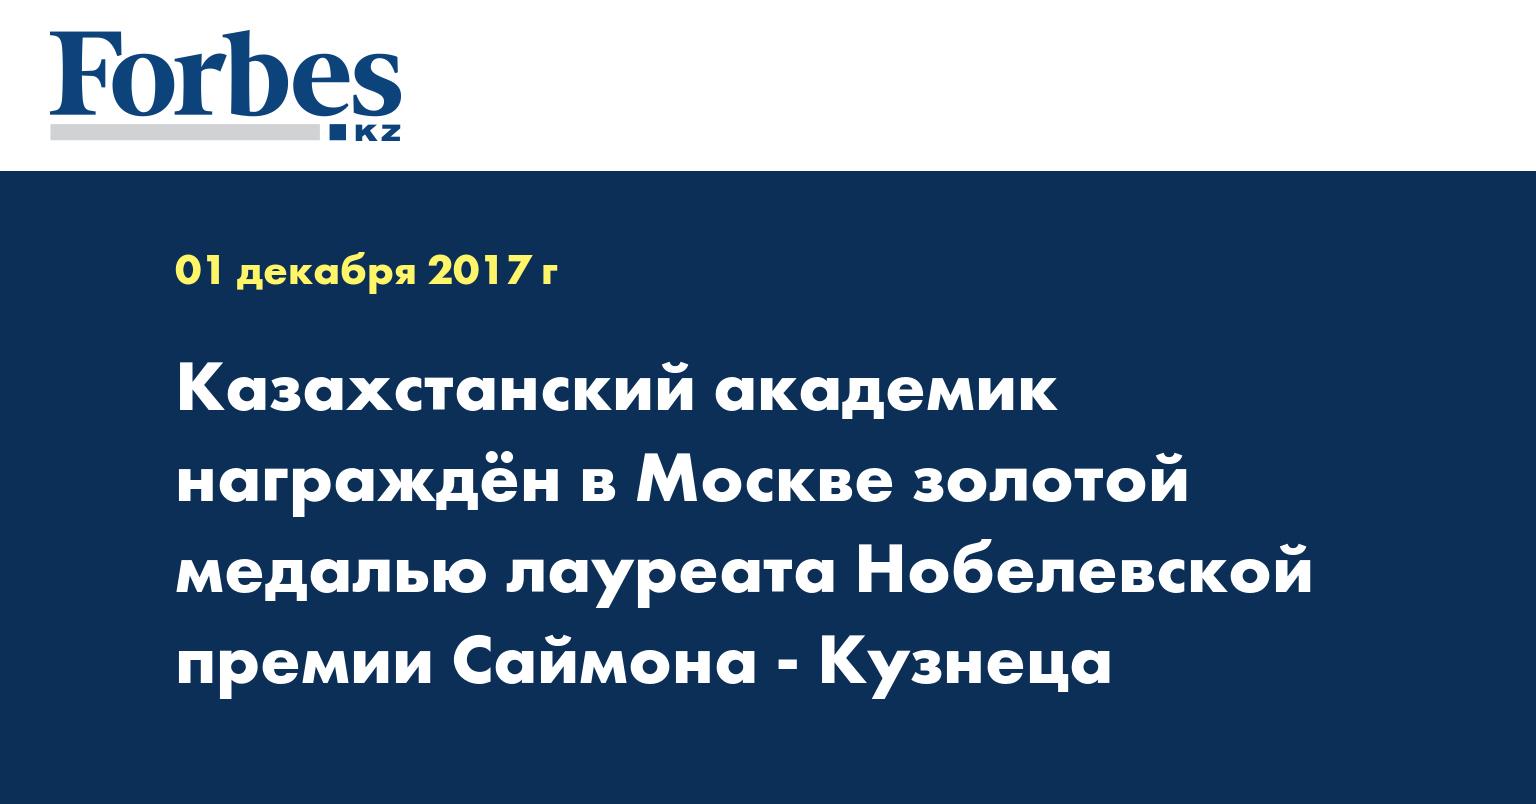 Казахстанский академик награждён в Москве золотой медалью лауреата Нобелевской премии Саймона - Кузнеца